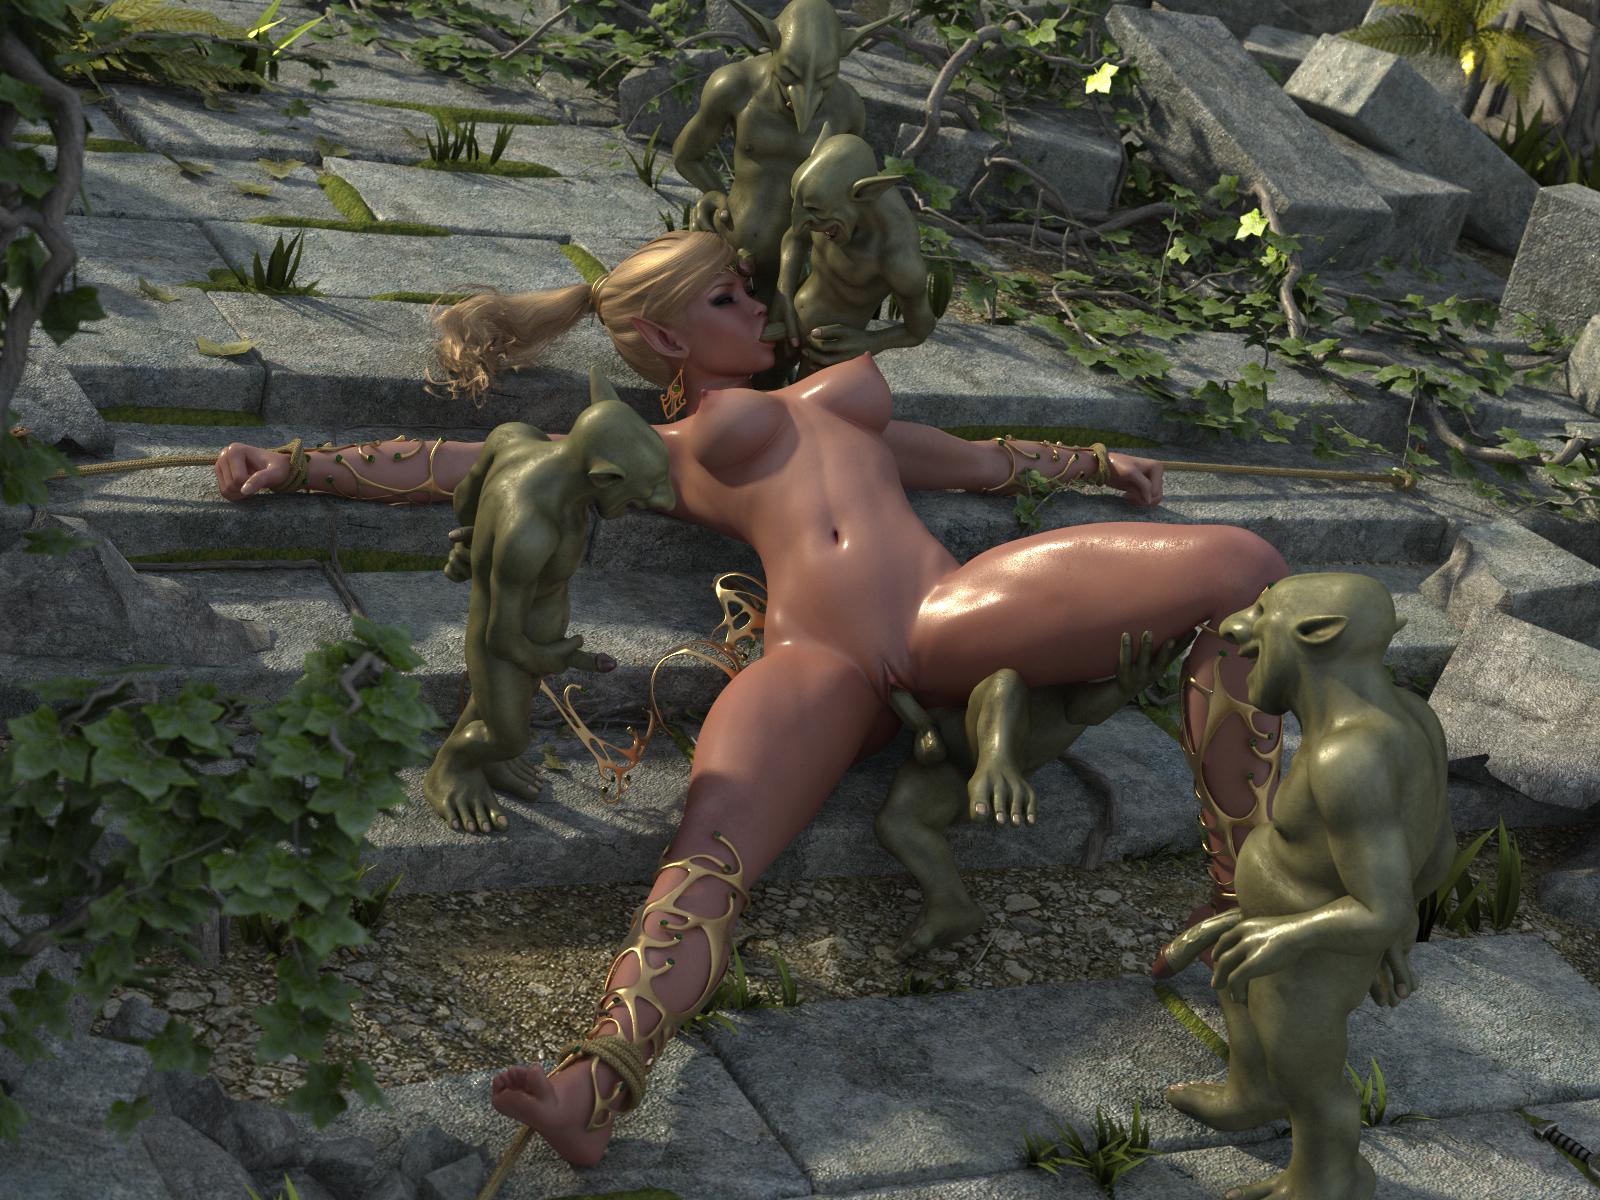 Мультфильм порно в лесу монстры